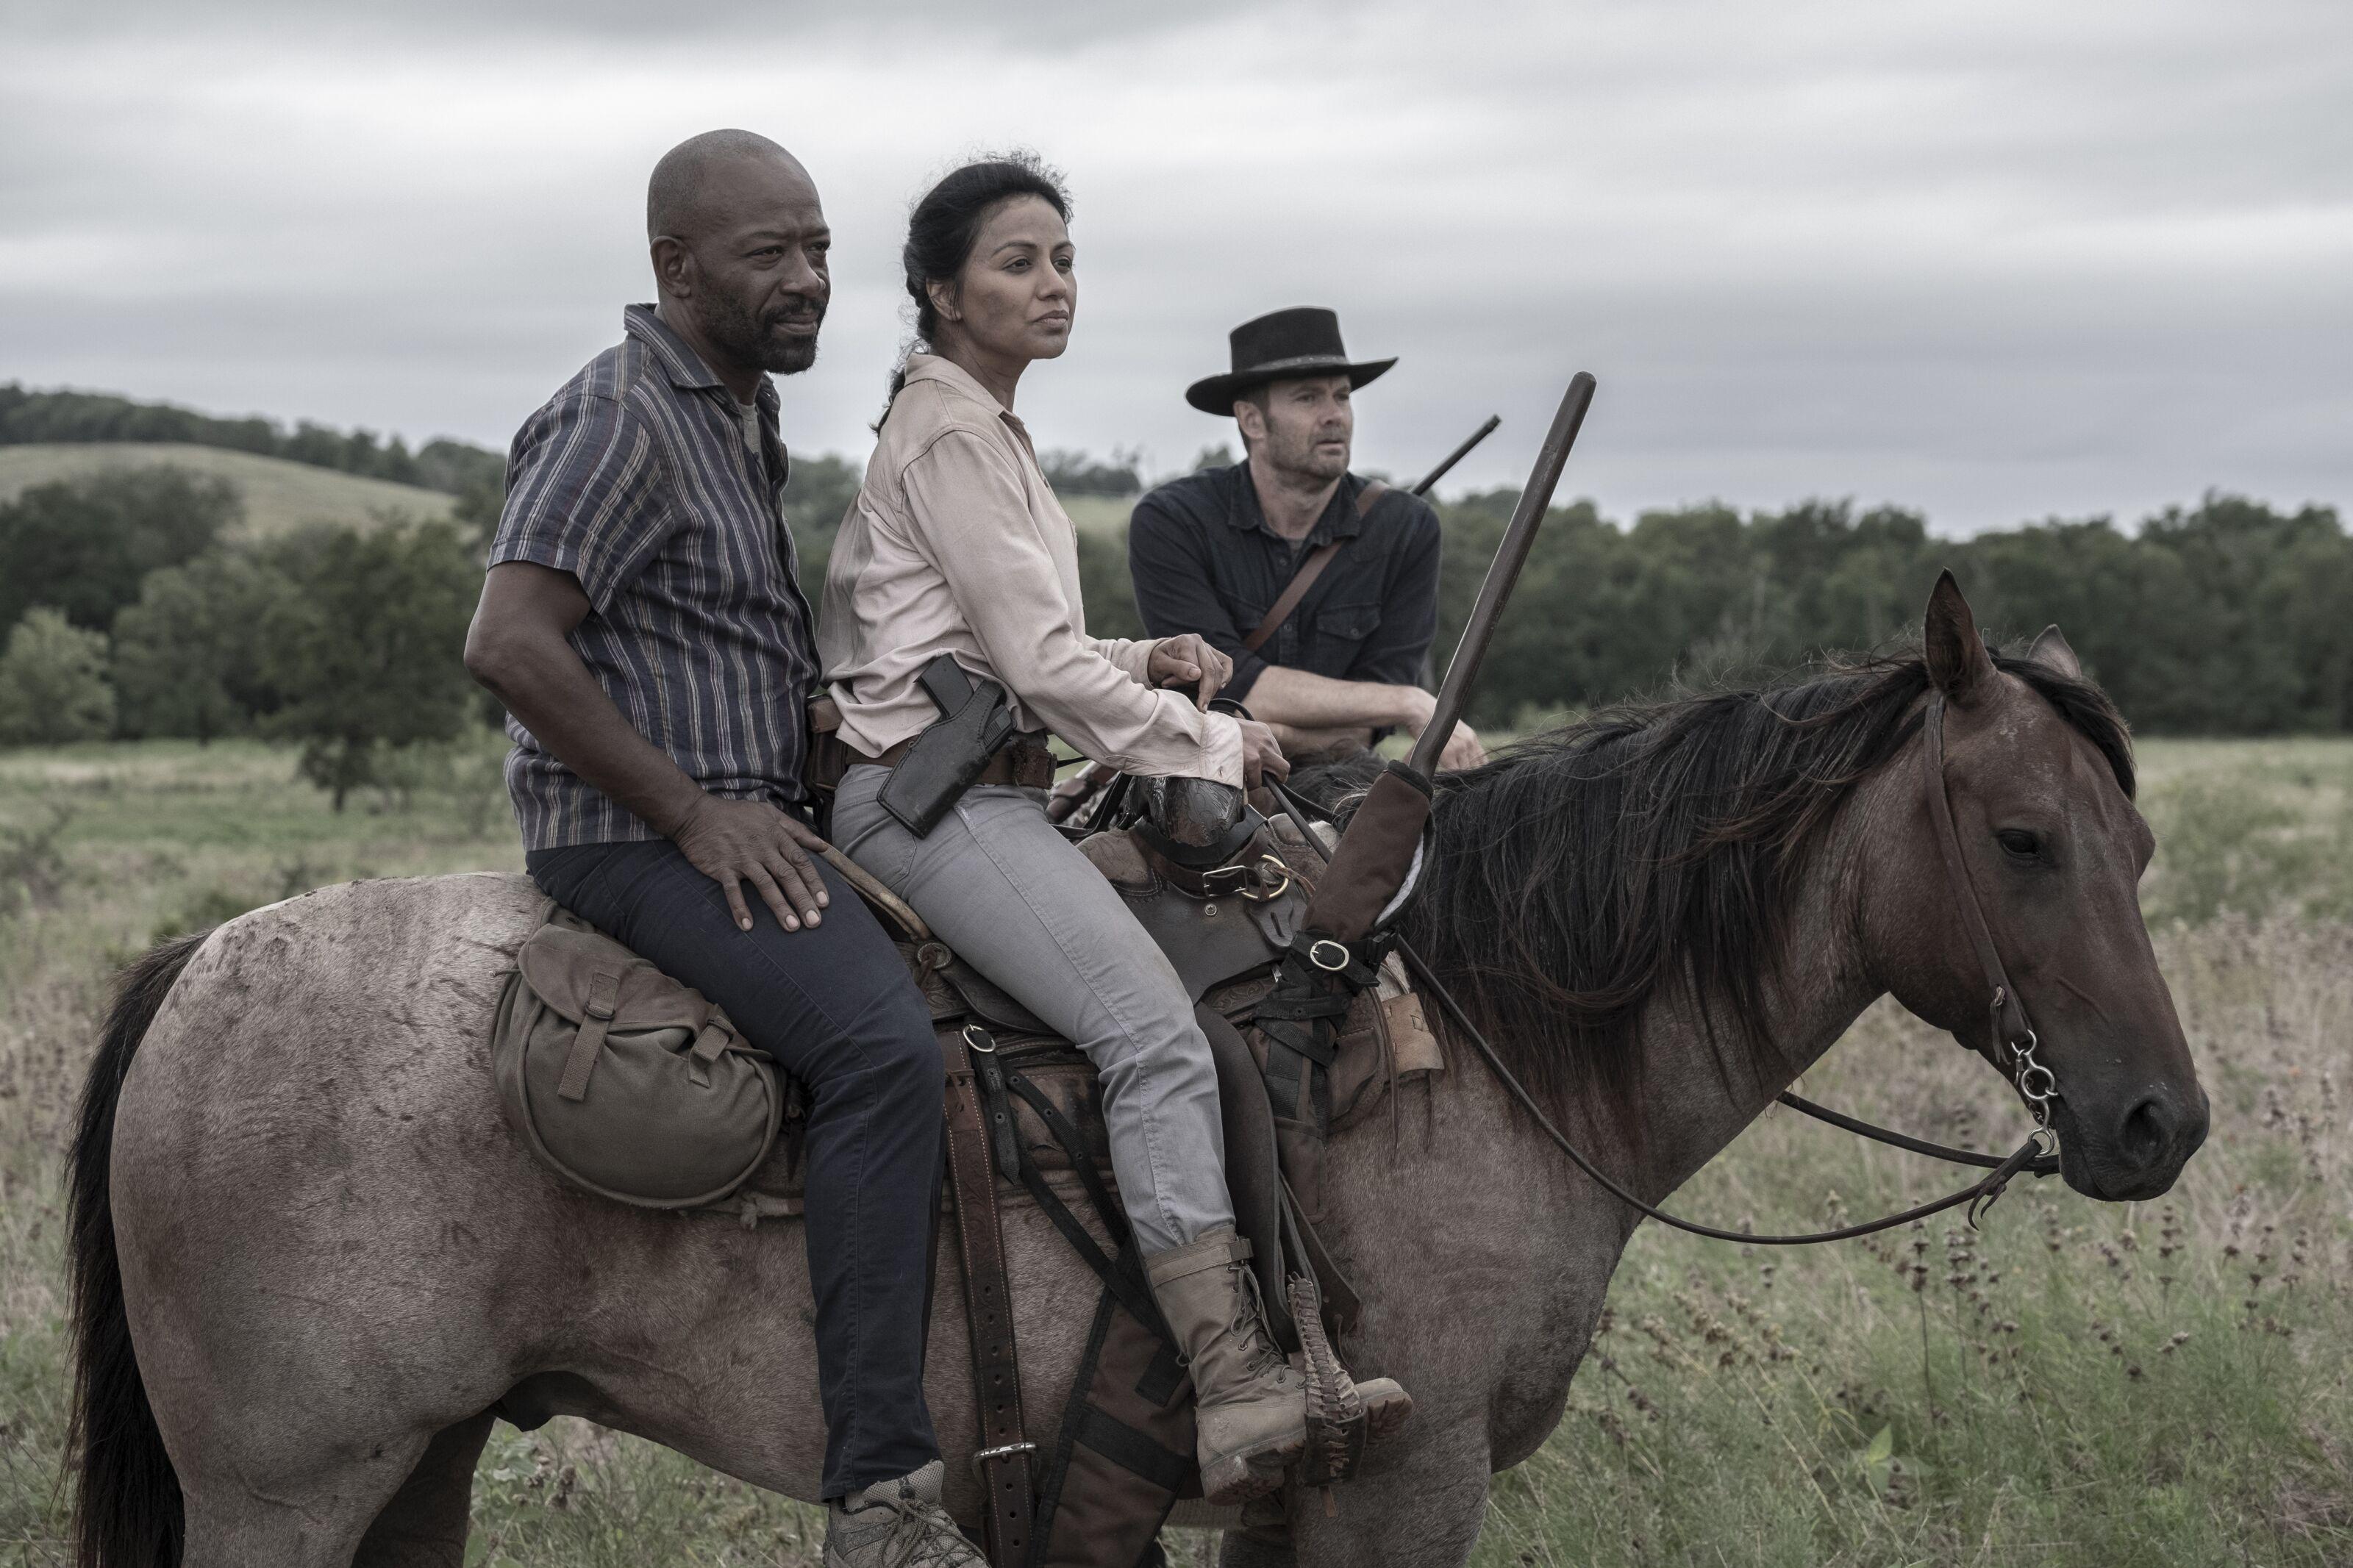 Fear The Walking Dead season 5 finale live stream: Watch online